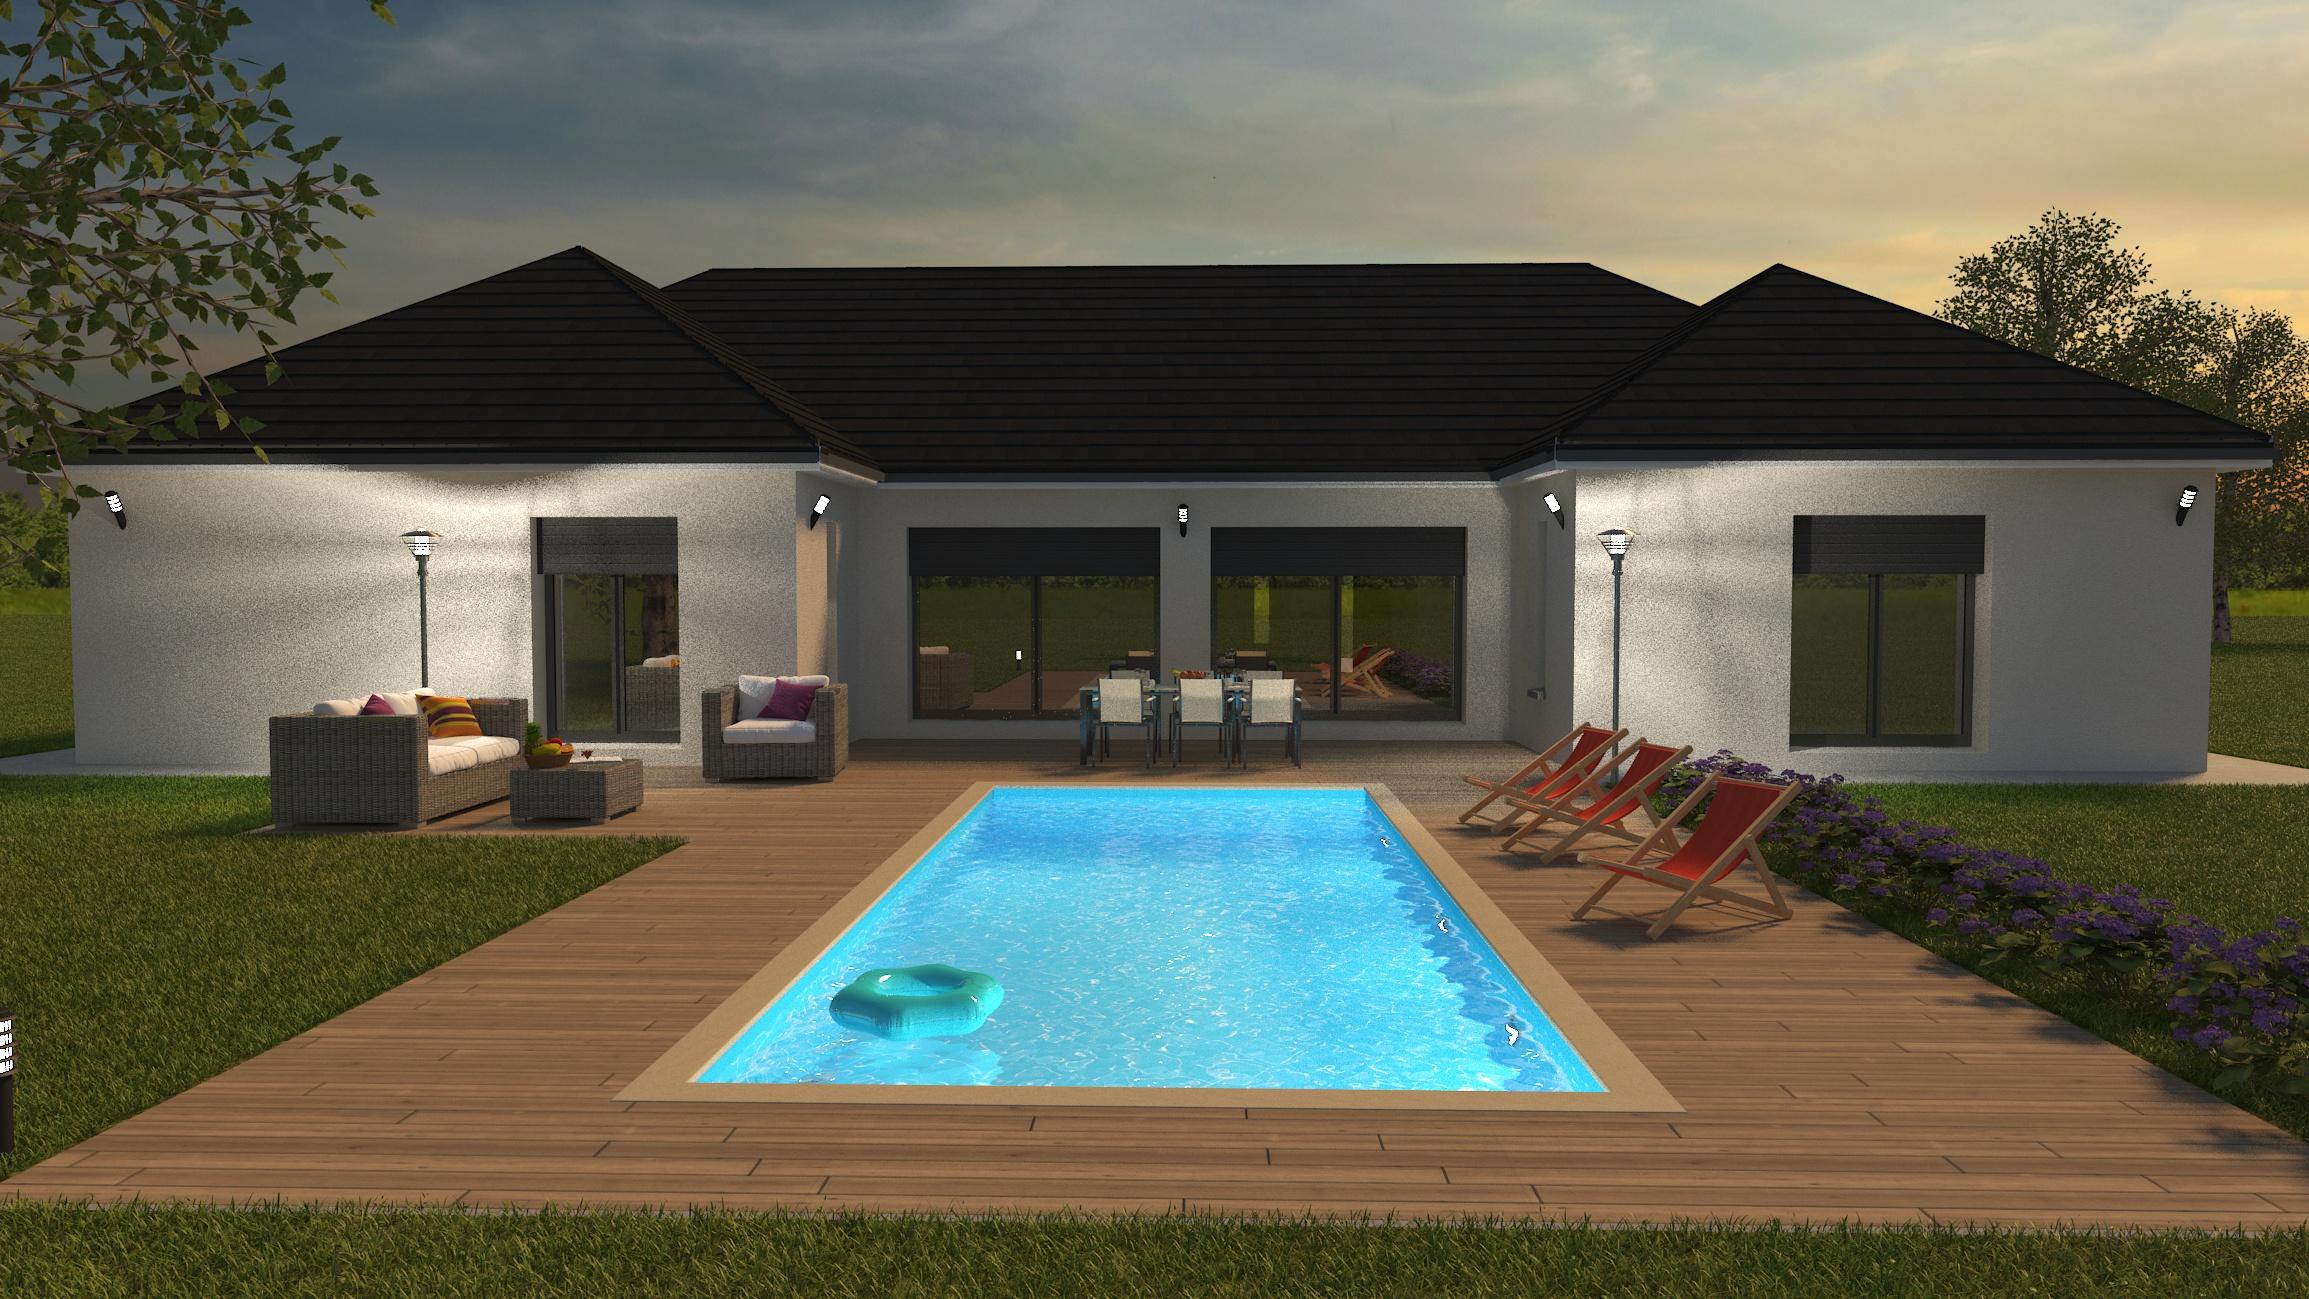 Visuel 3D maison bourgogne bâtir Saône et Loire Chalon sur Saône coté piscine 175 m²